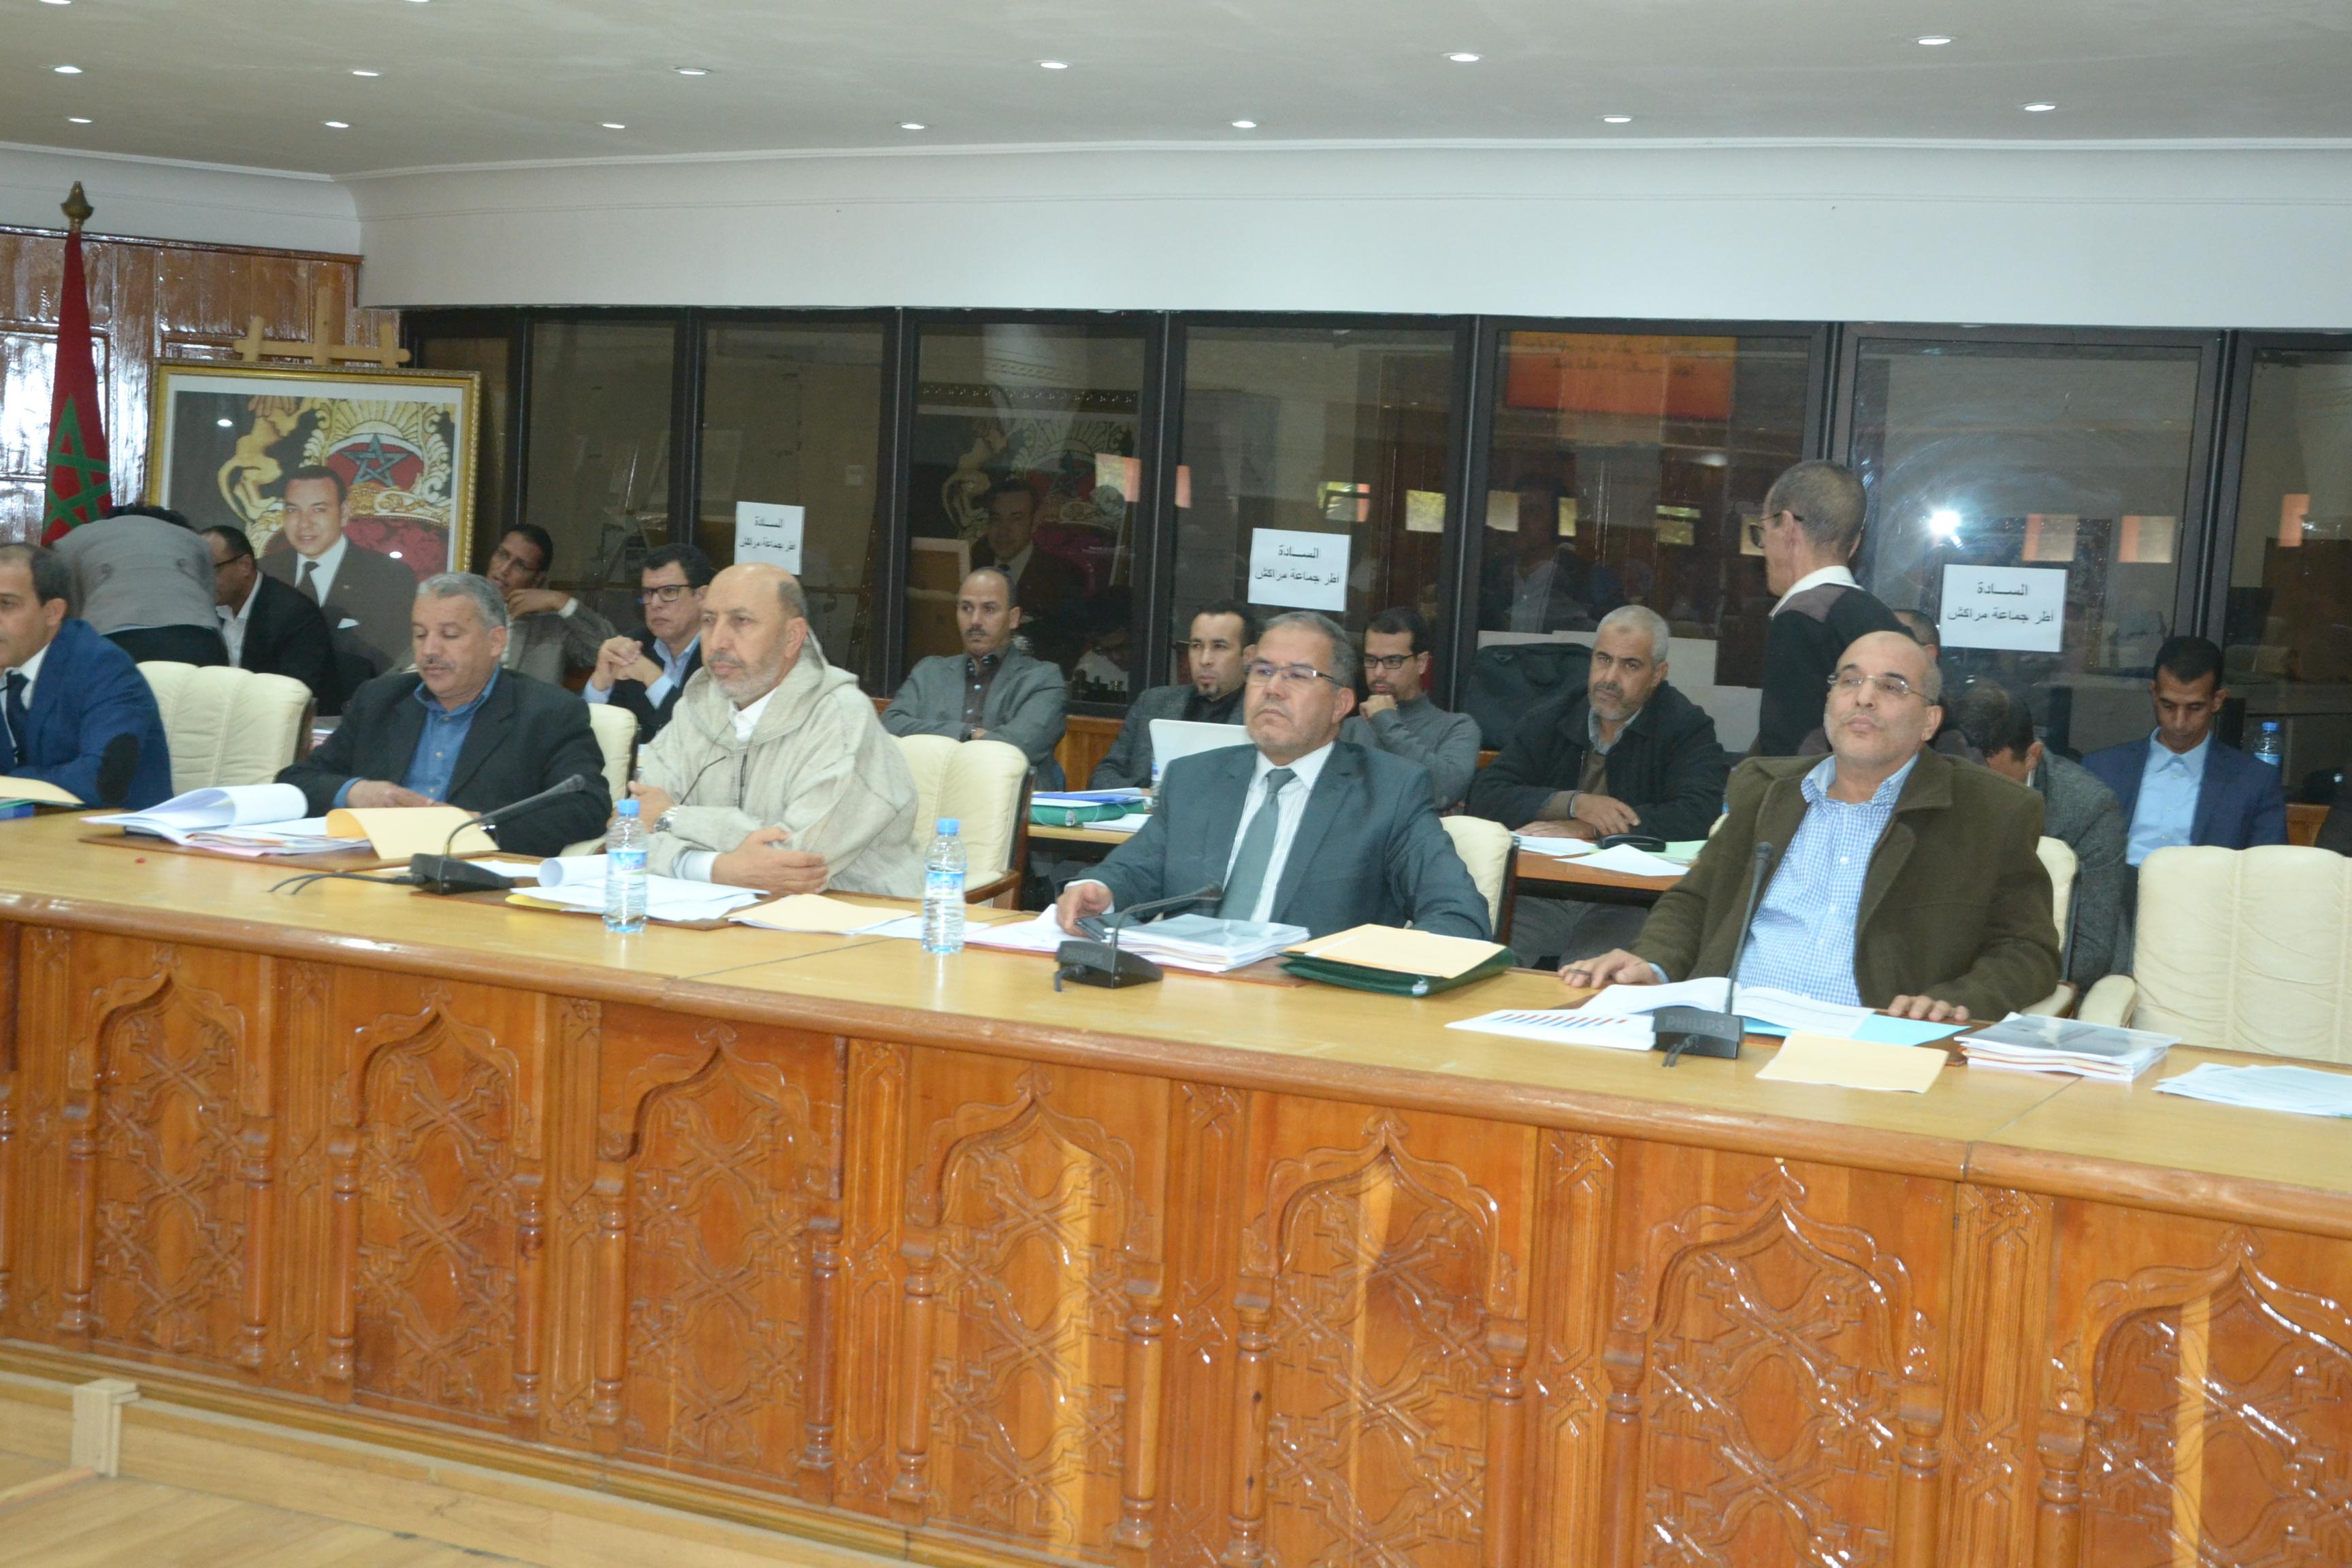 بسبب انسحاب جماعي.. مجلس جماعة مراكش يعجر عن إتمام دورته الاستثنائية